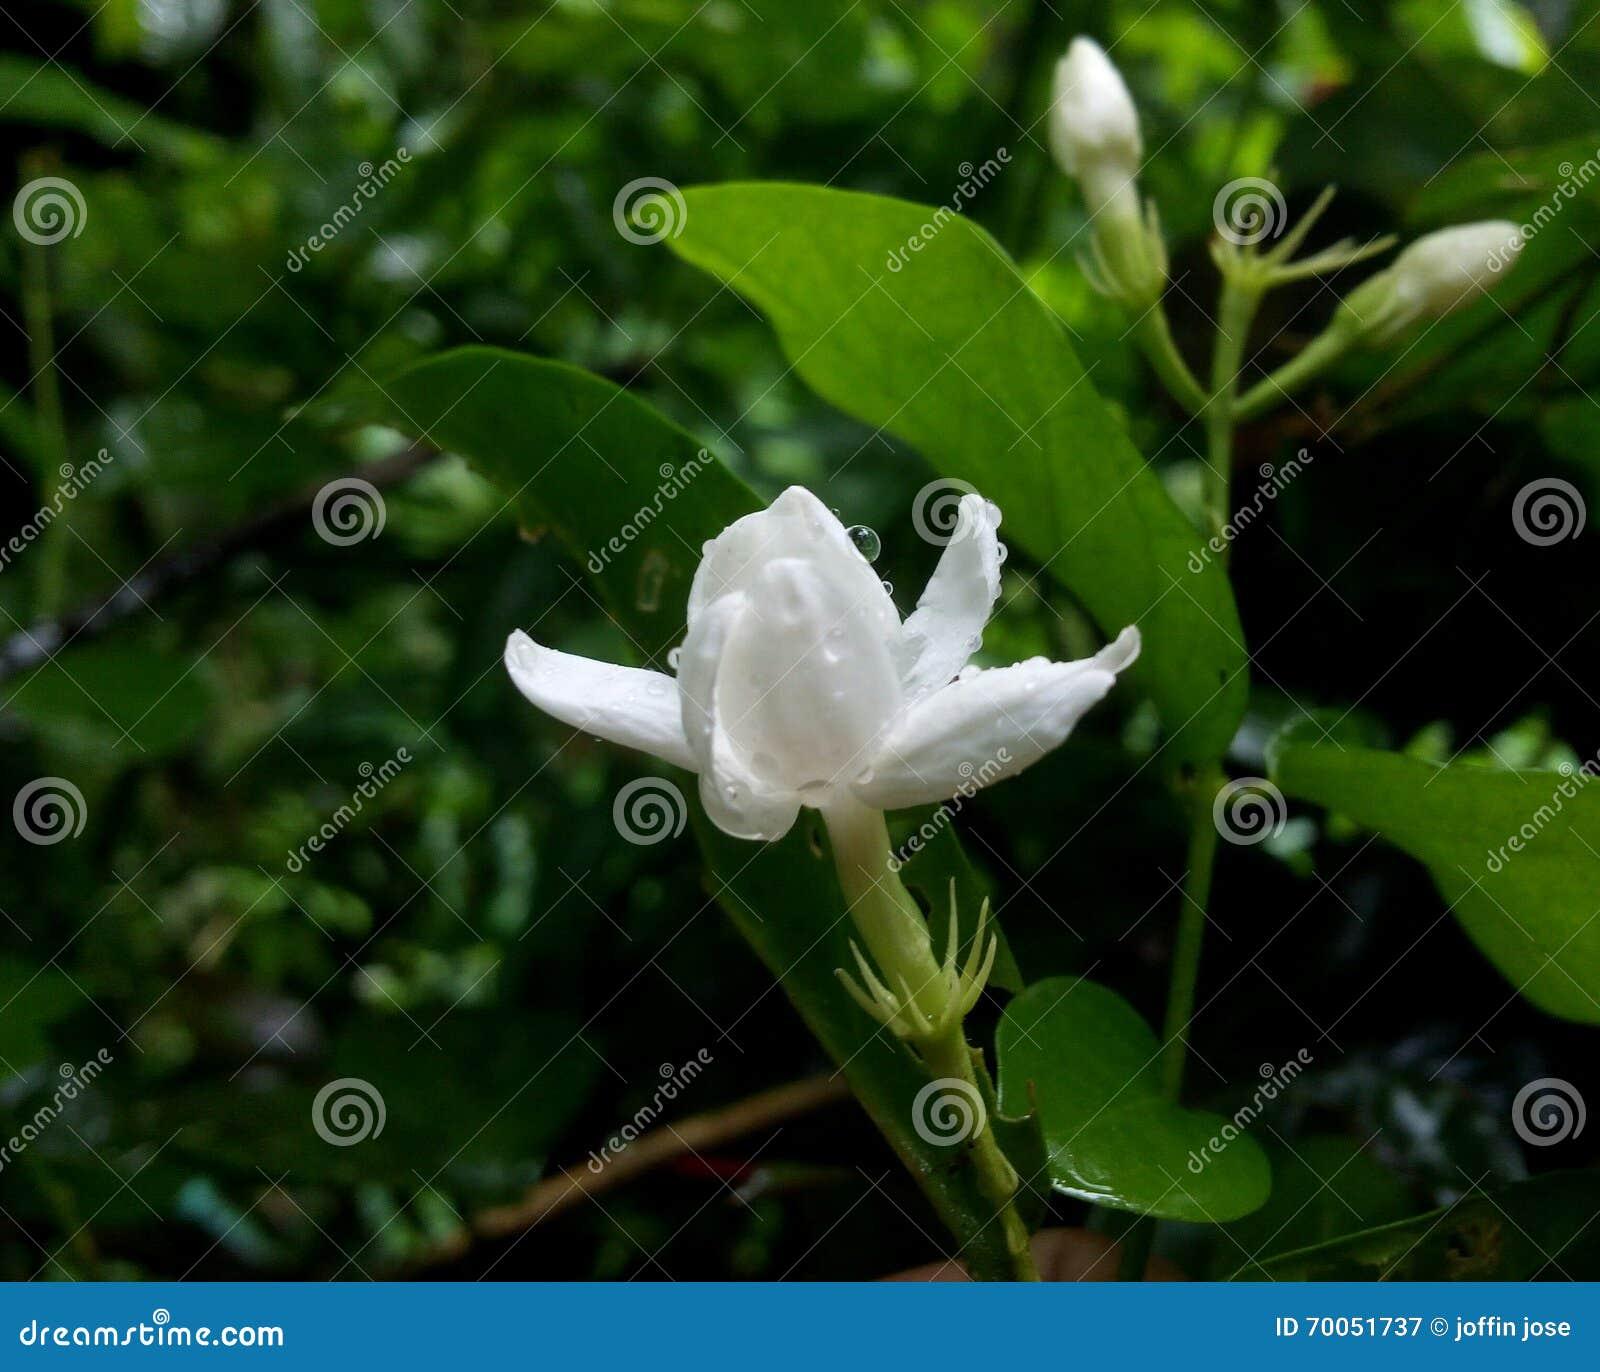 White Jasmine With Rain Drops